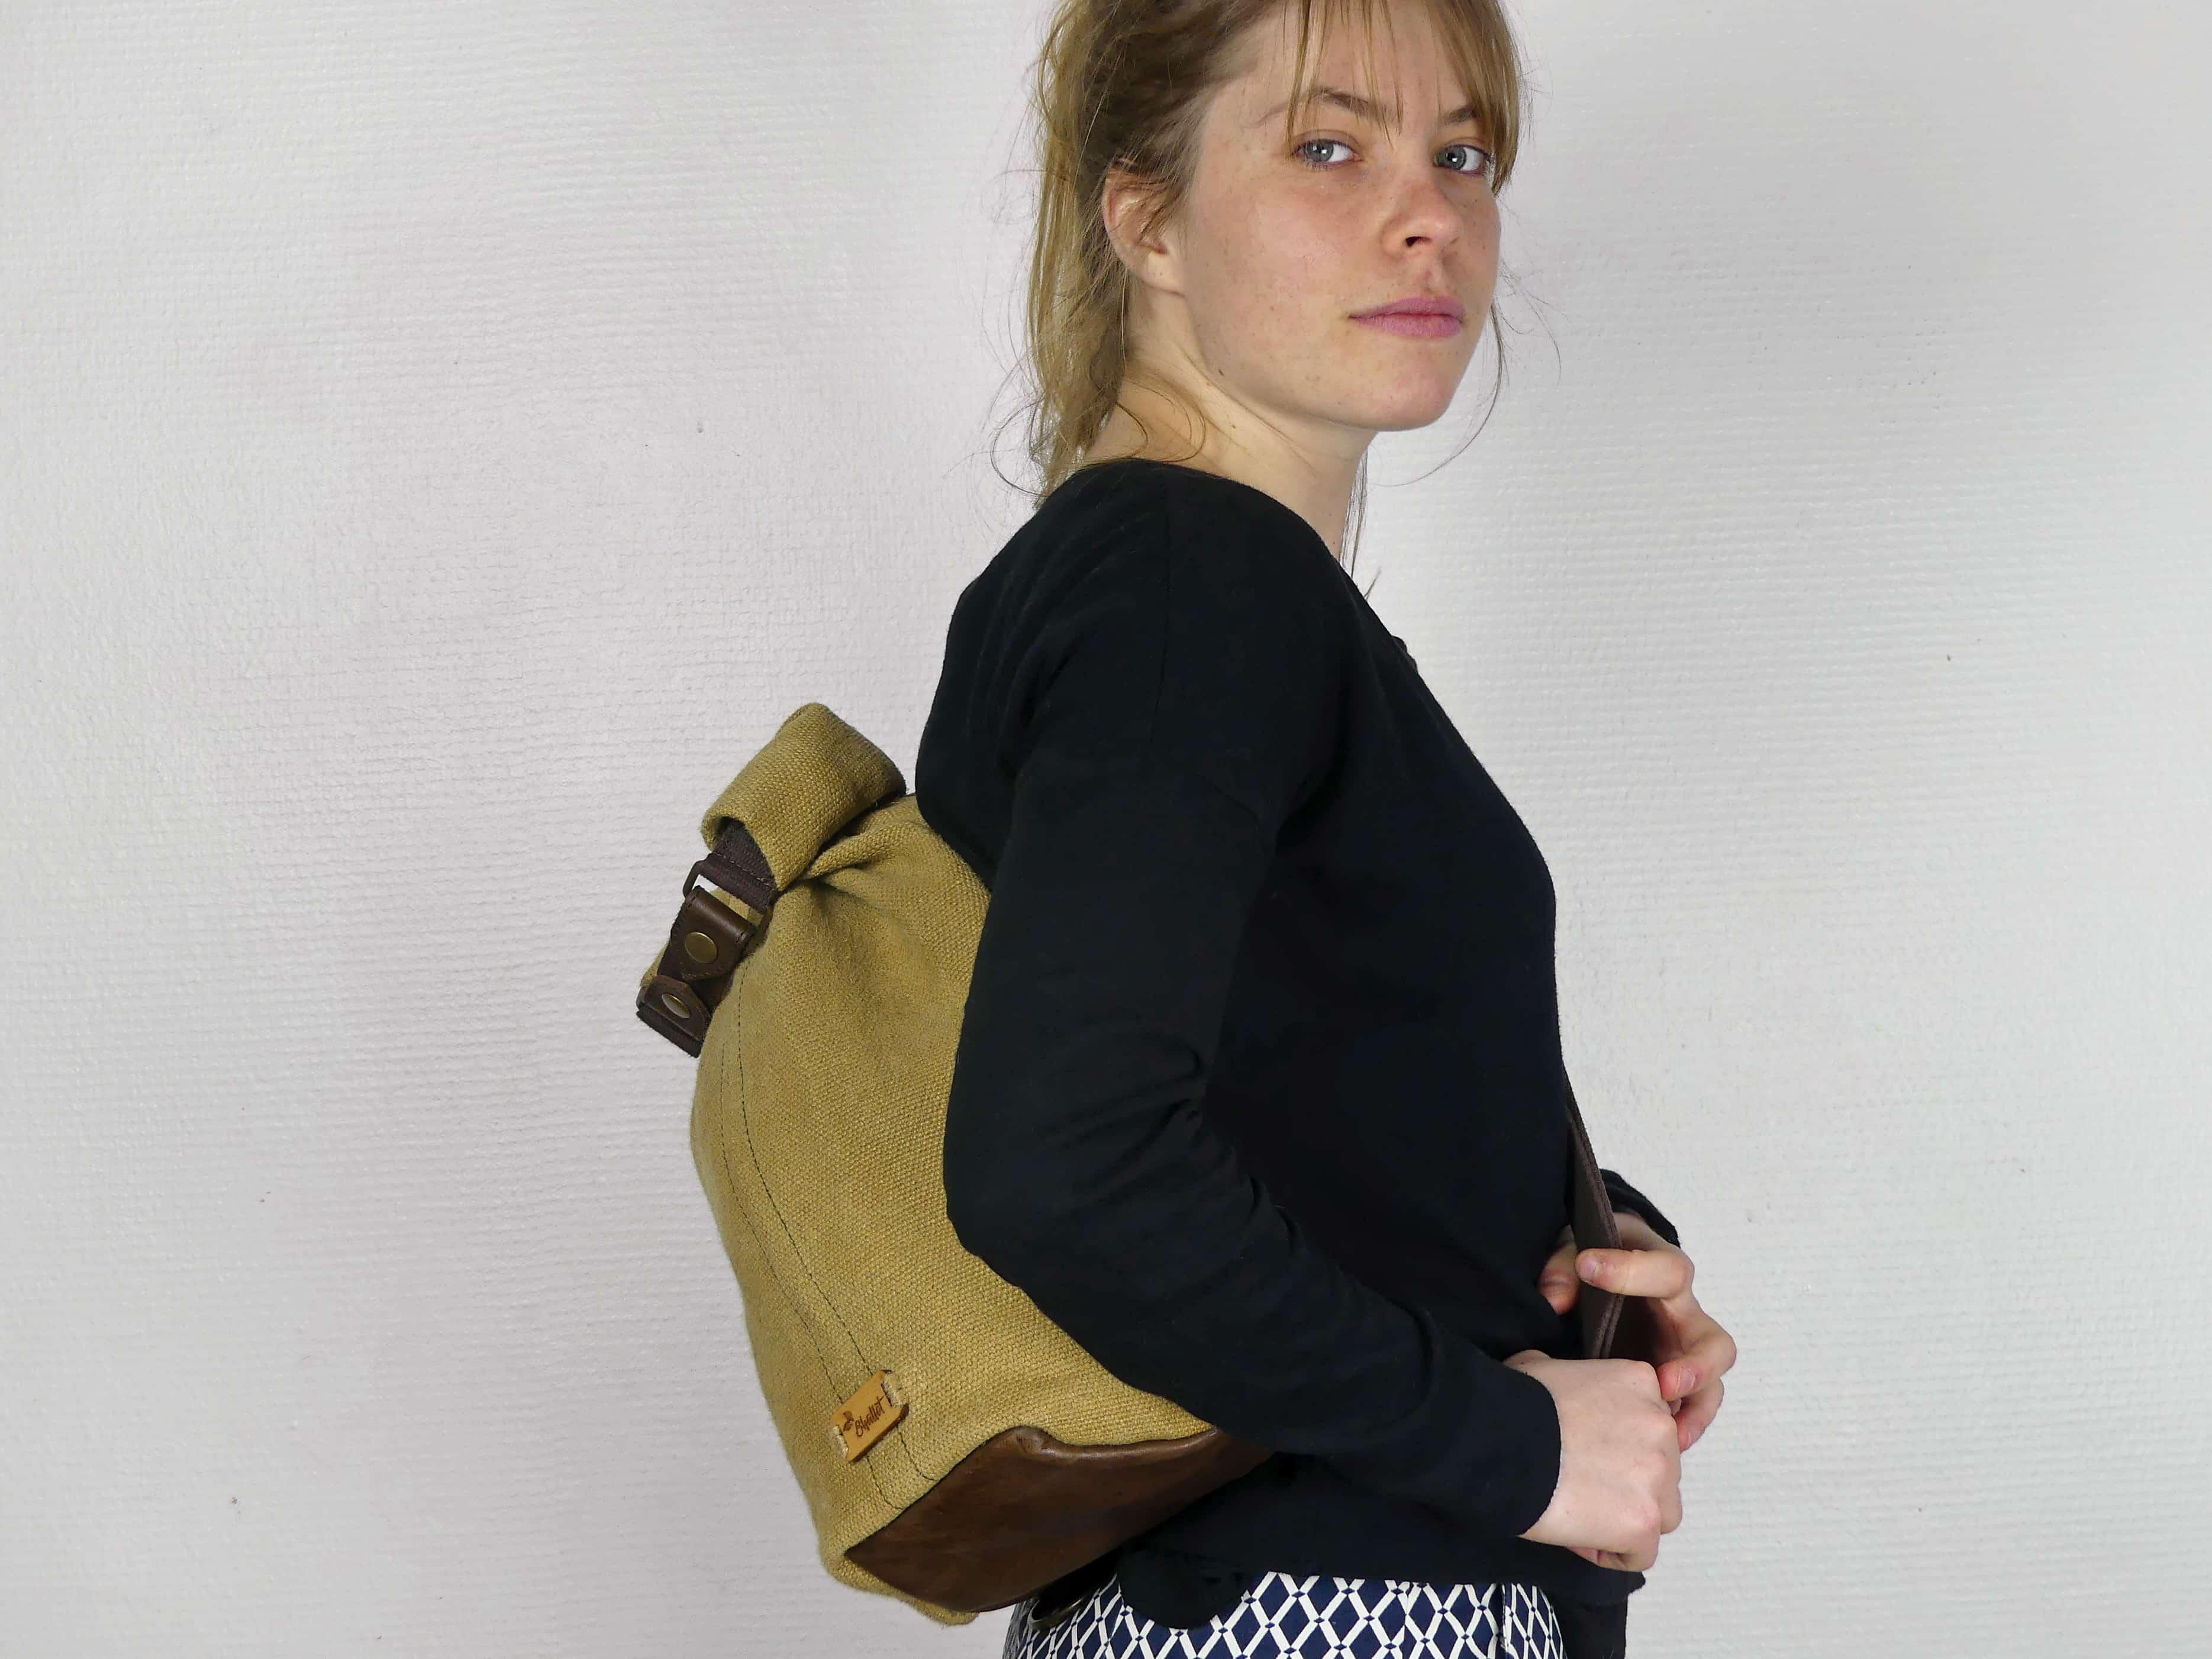 Petit sac à dos bandoulière, balish - le baluchon - Bhallot num 1